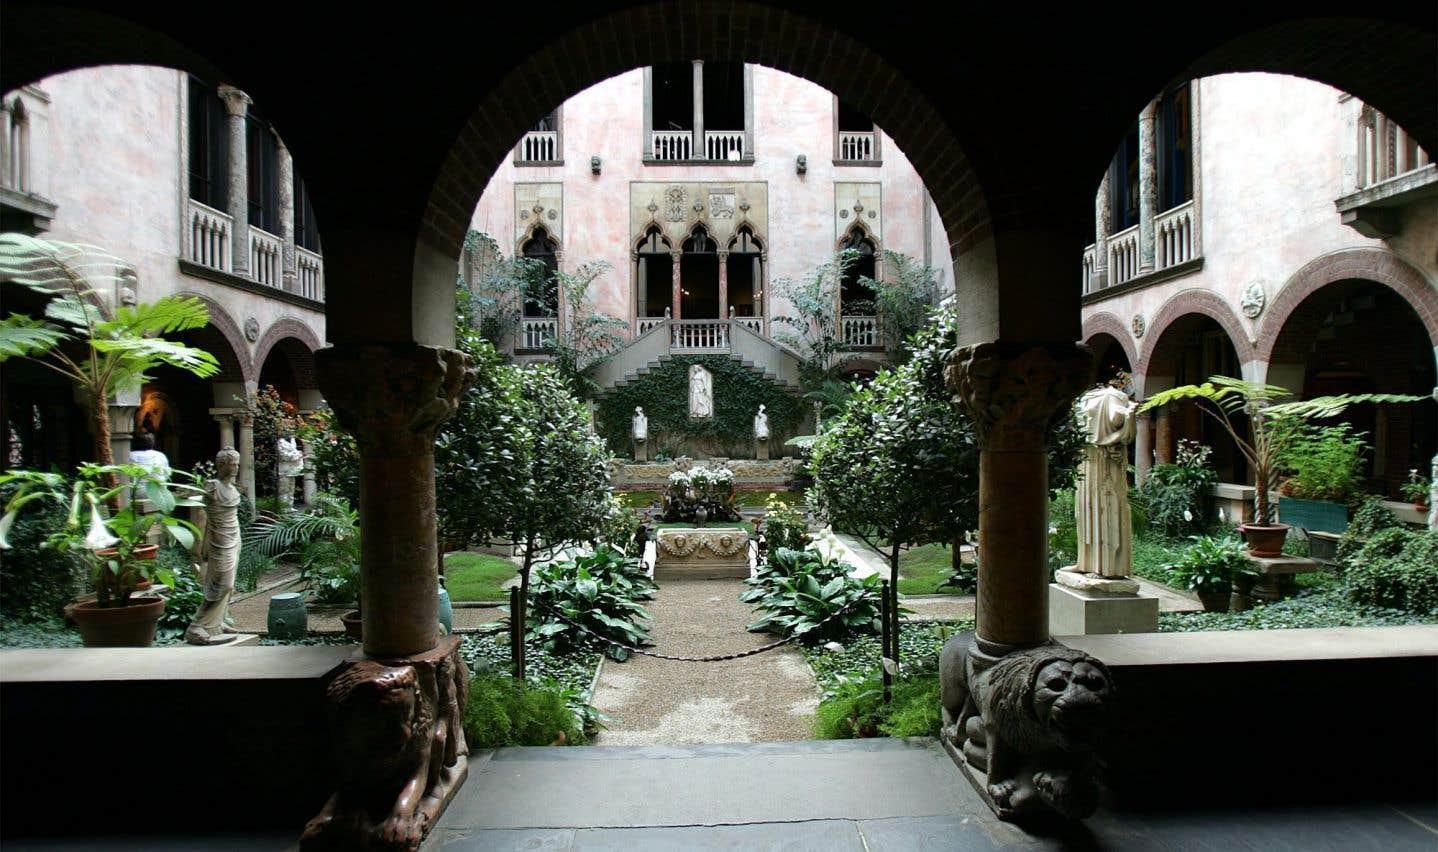 Des oeuvres ont été dérobéesau musée Isabella Stewart Gardner de Boston en 1990.